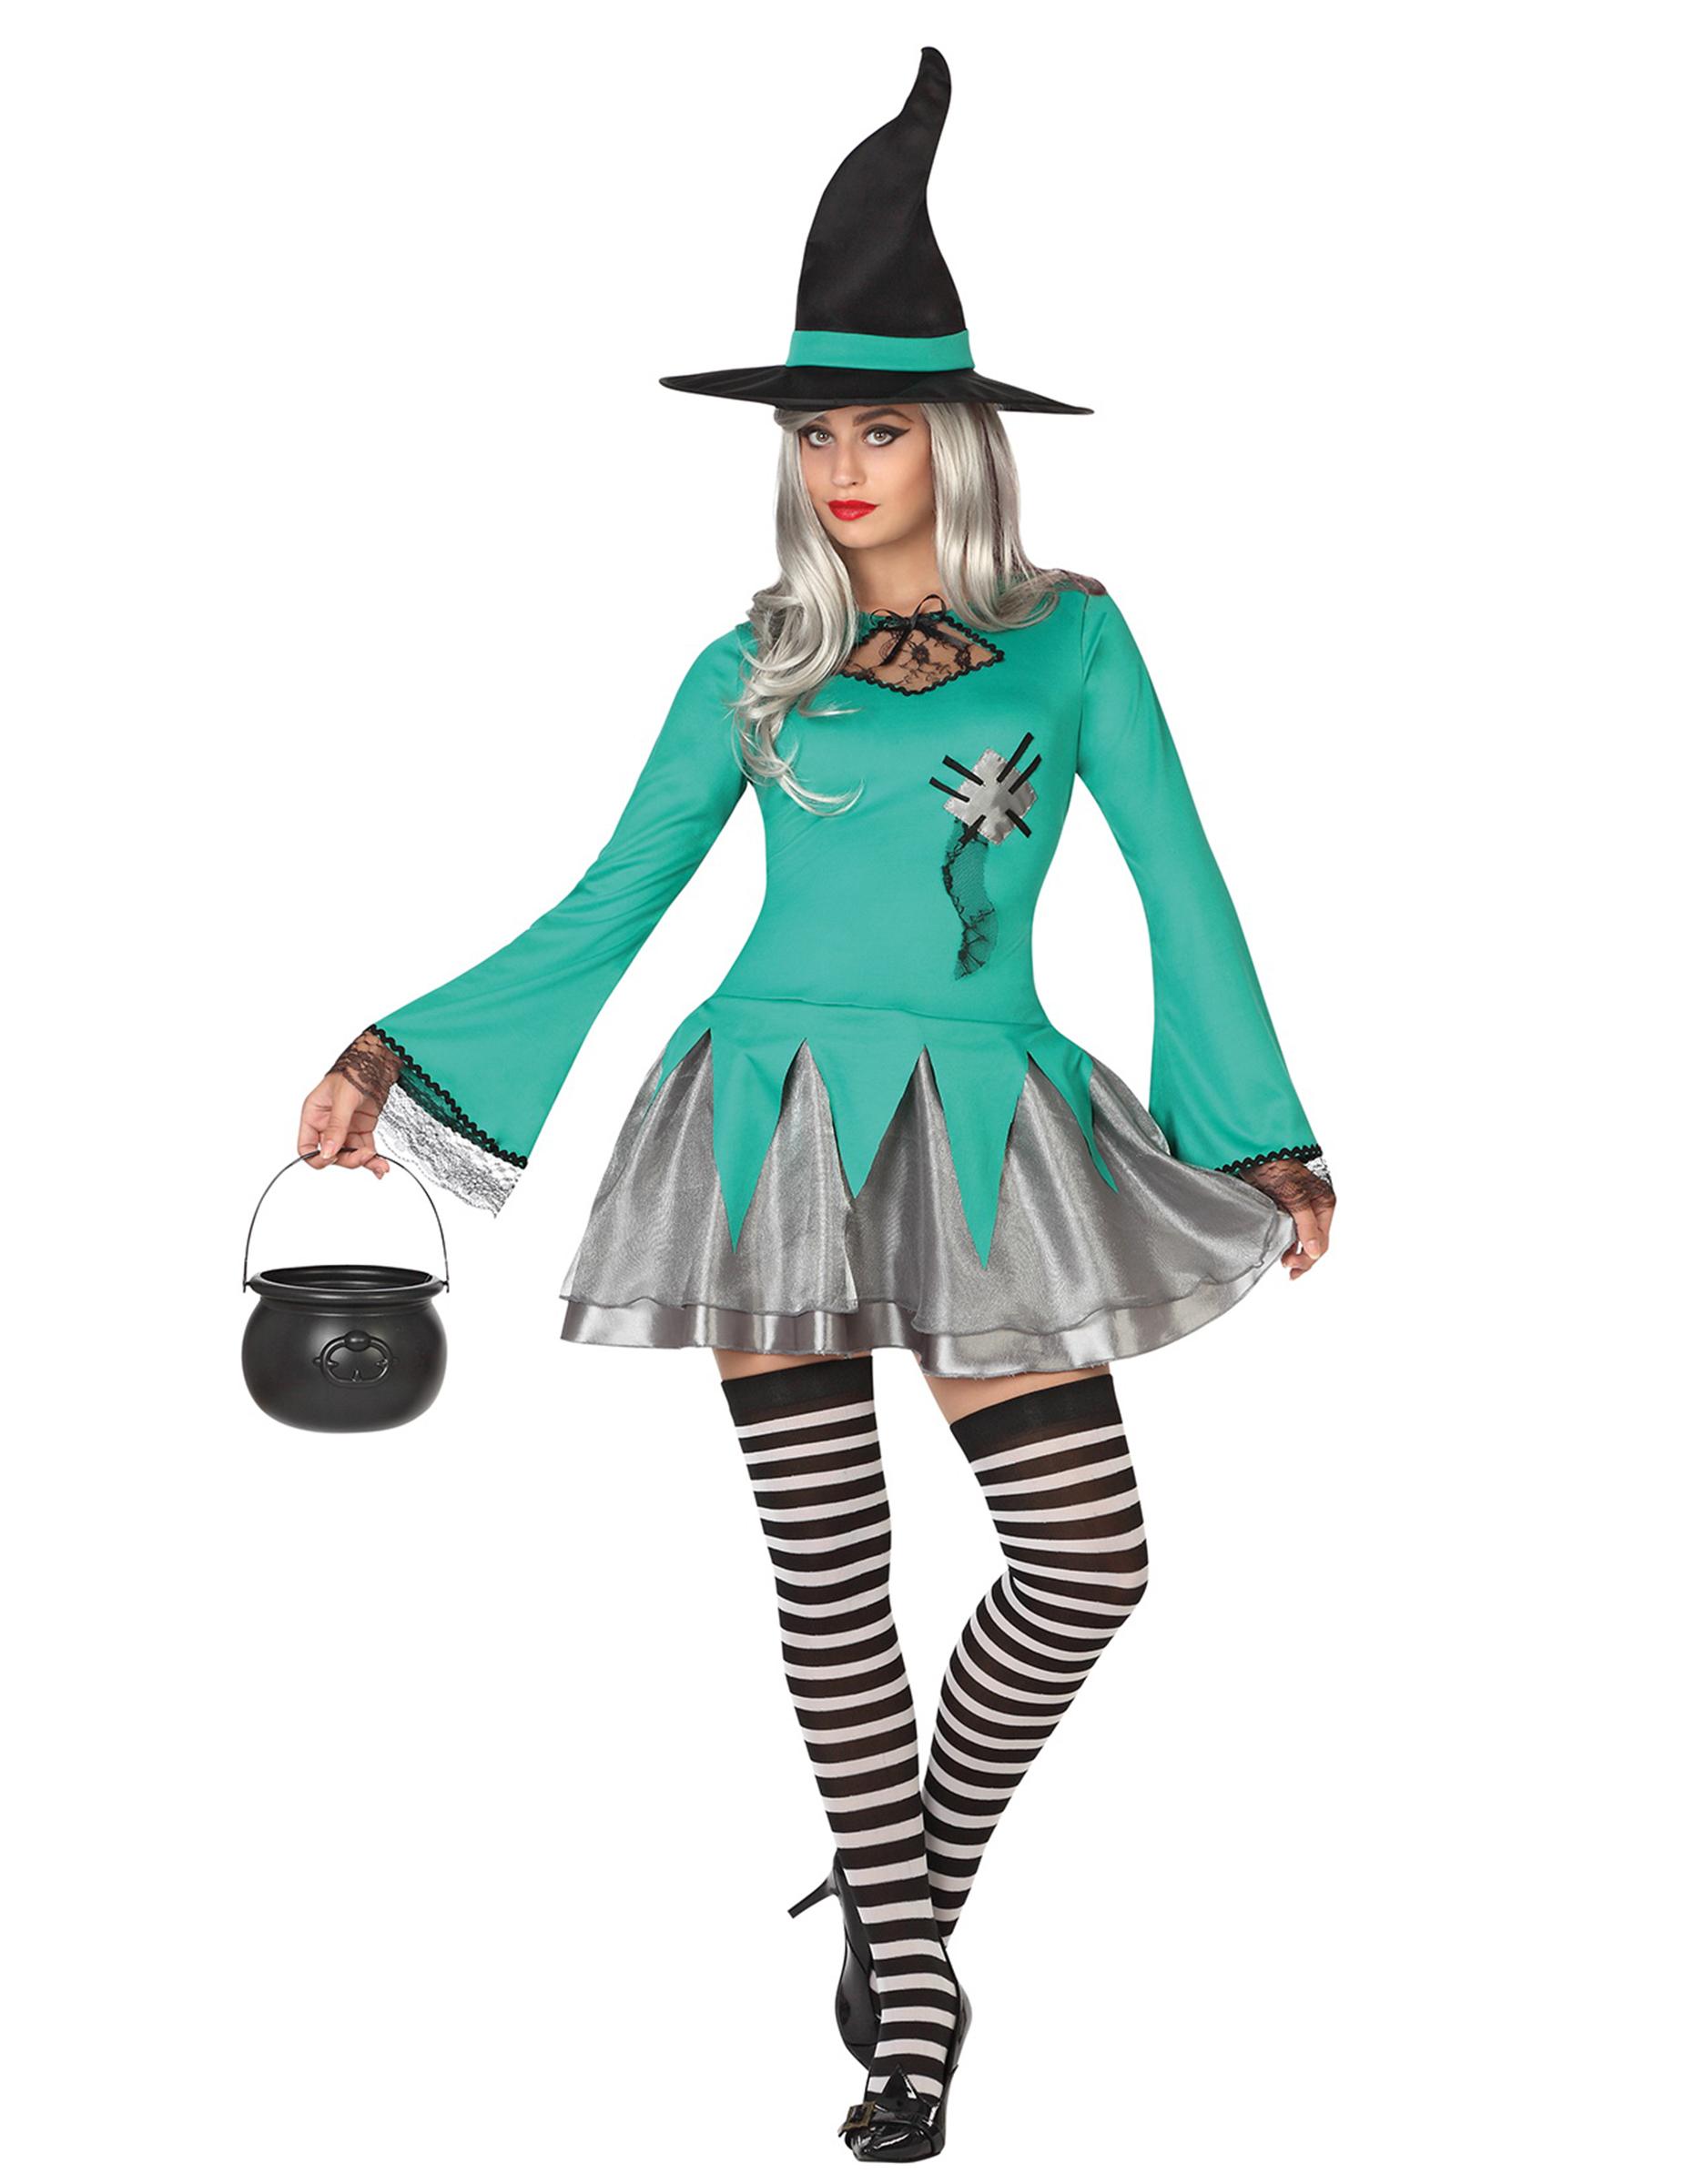 Halloween Kostuum.Mooi Heksen Halloween Kostuums Voor Vrouwen Vegaoo Nl